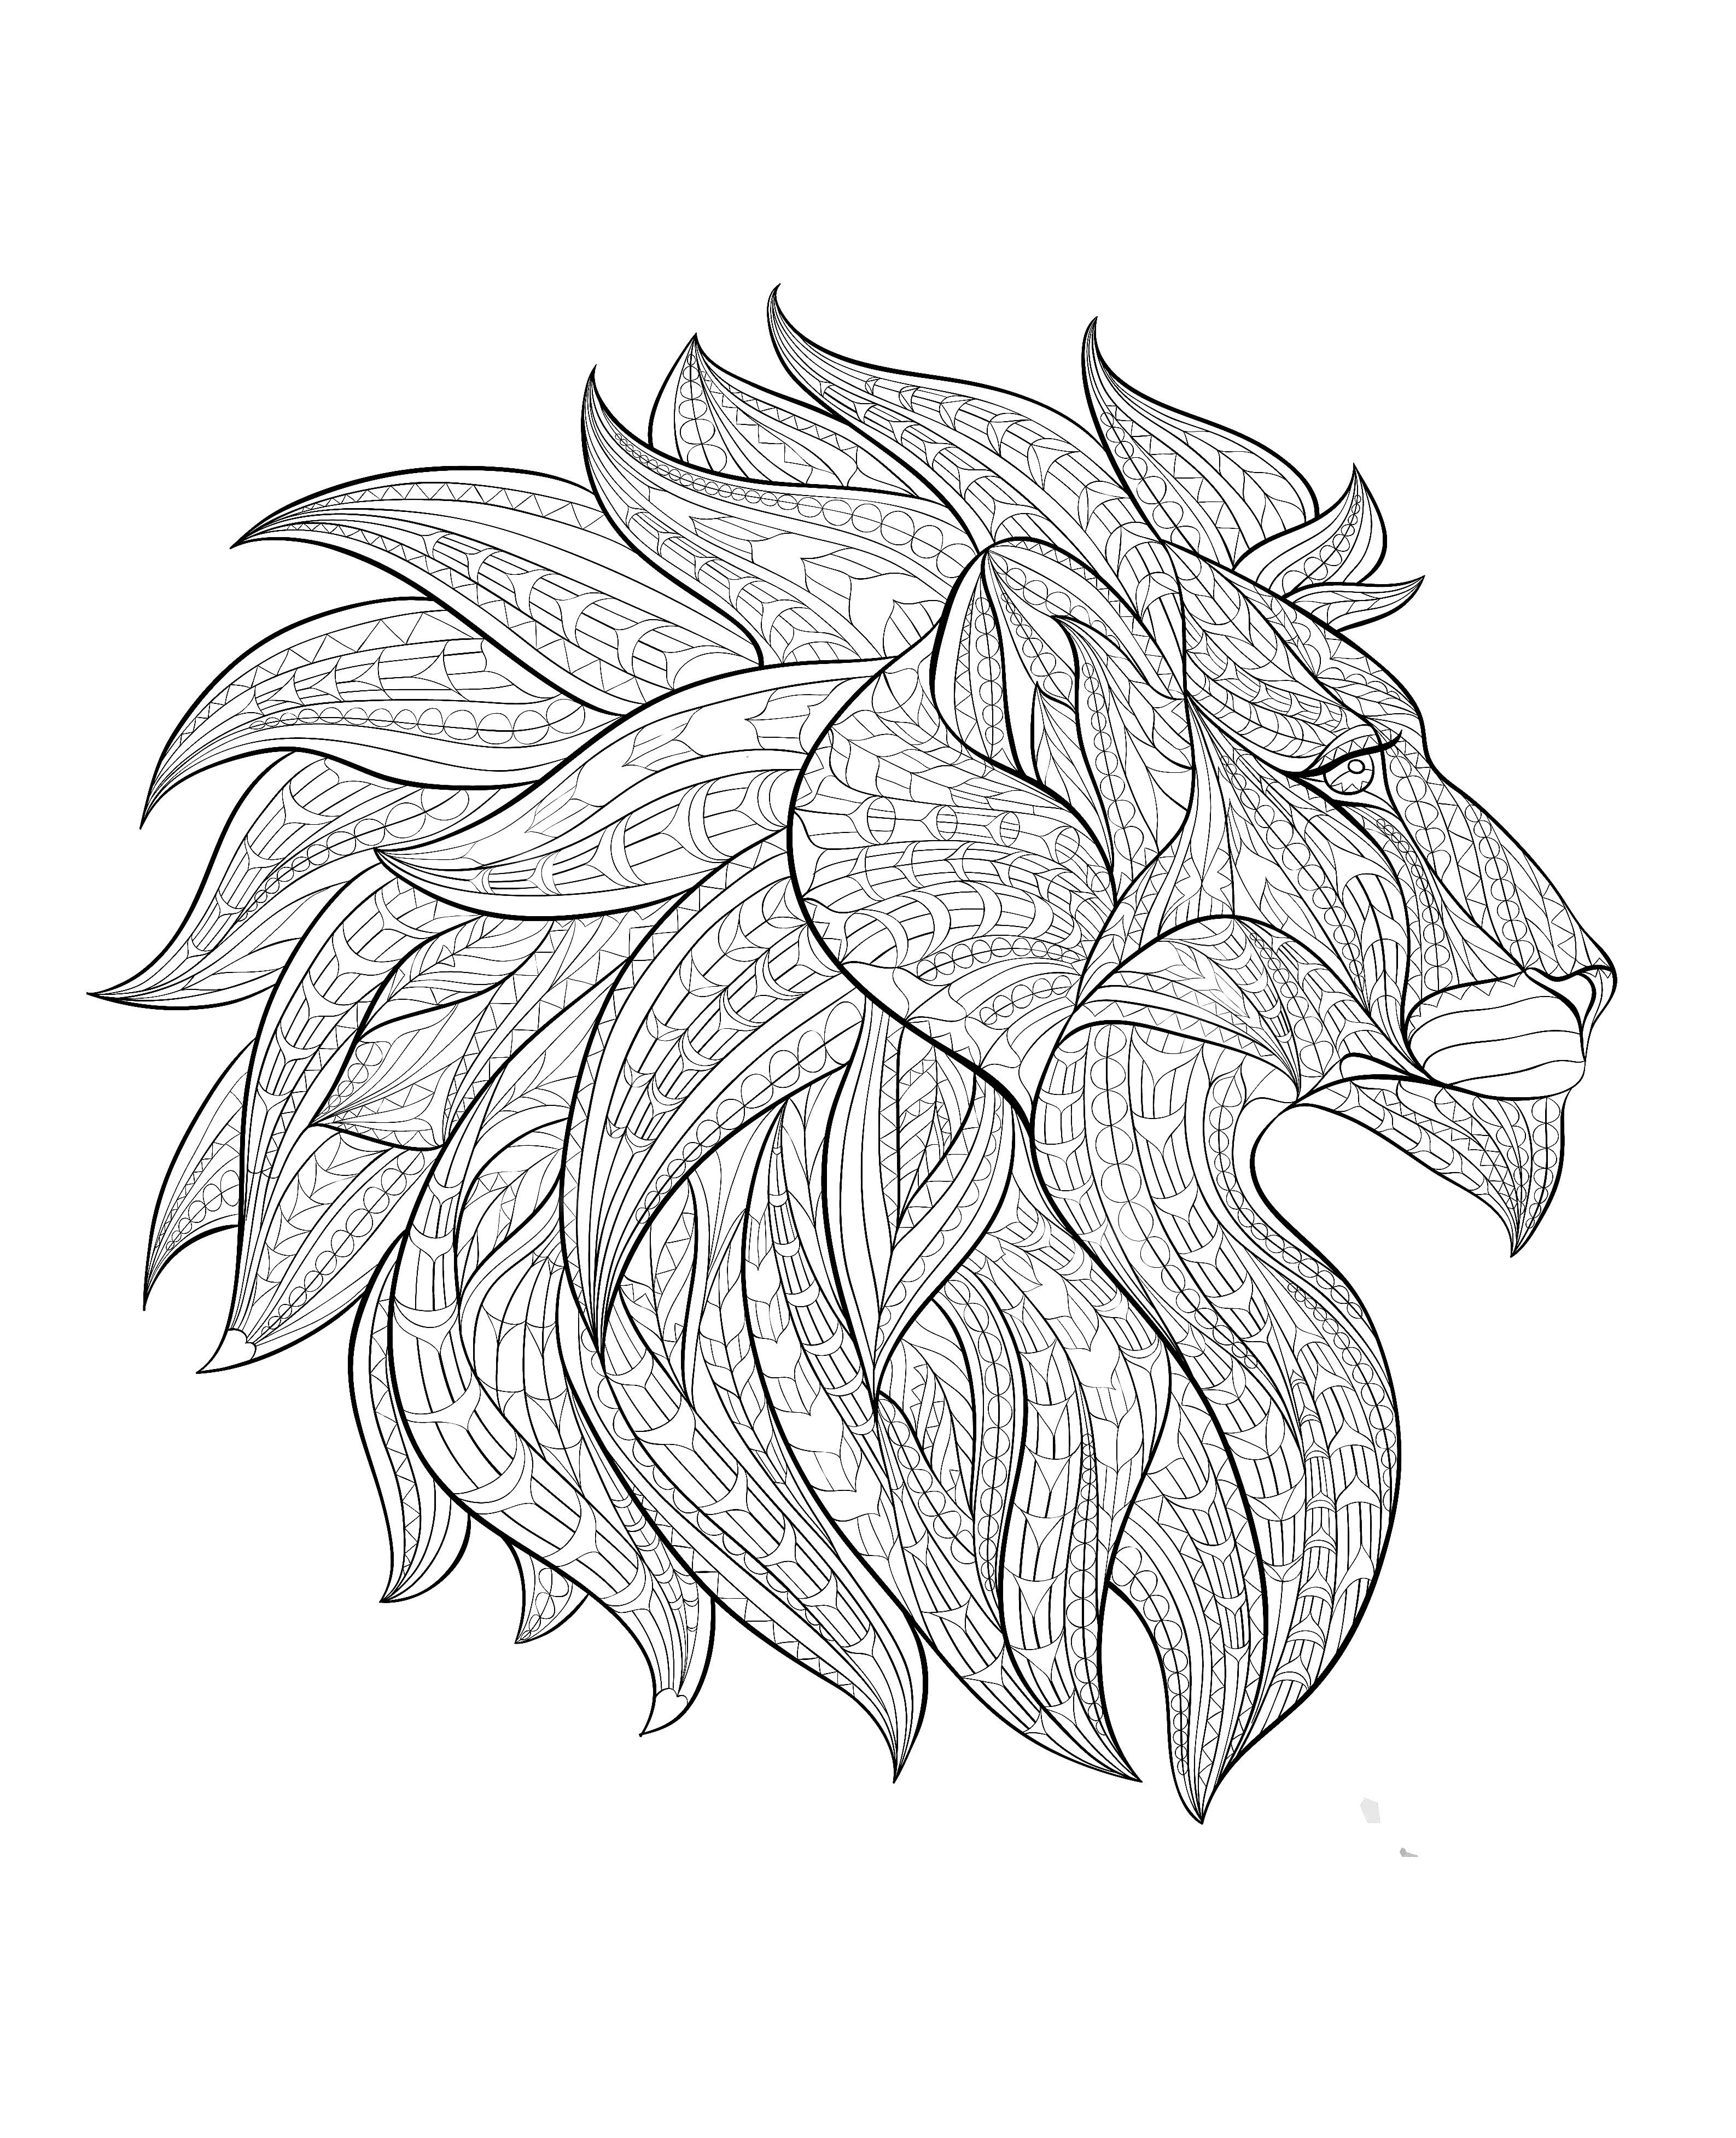 Afrique tete lion profilA partir de la galerie : Afrique